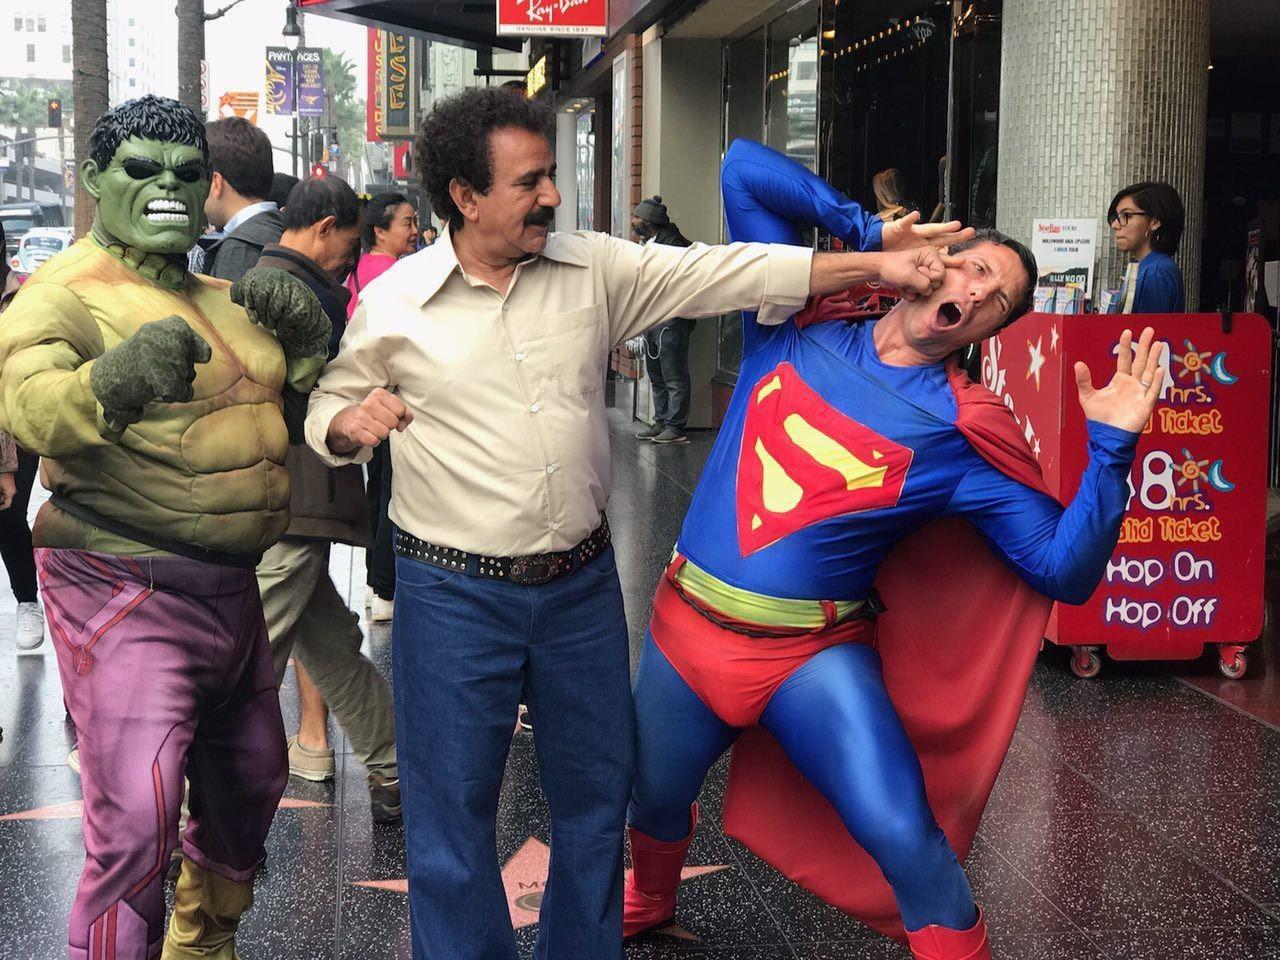 مُشت پرویز پرستویی بر صورت سوپرمن/ عکس